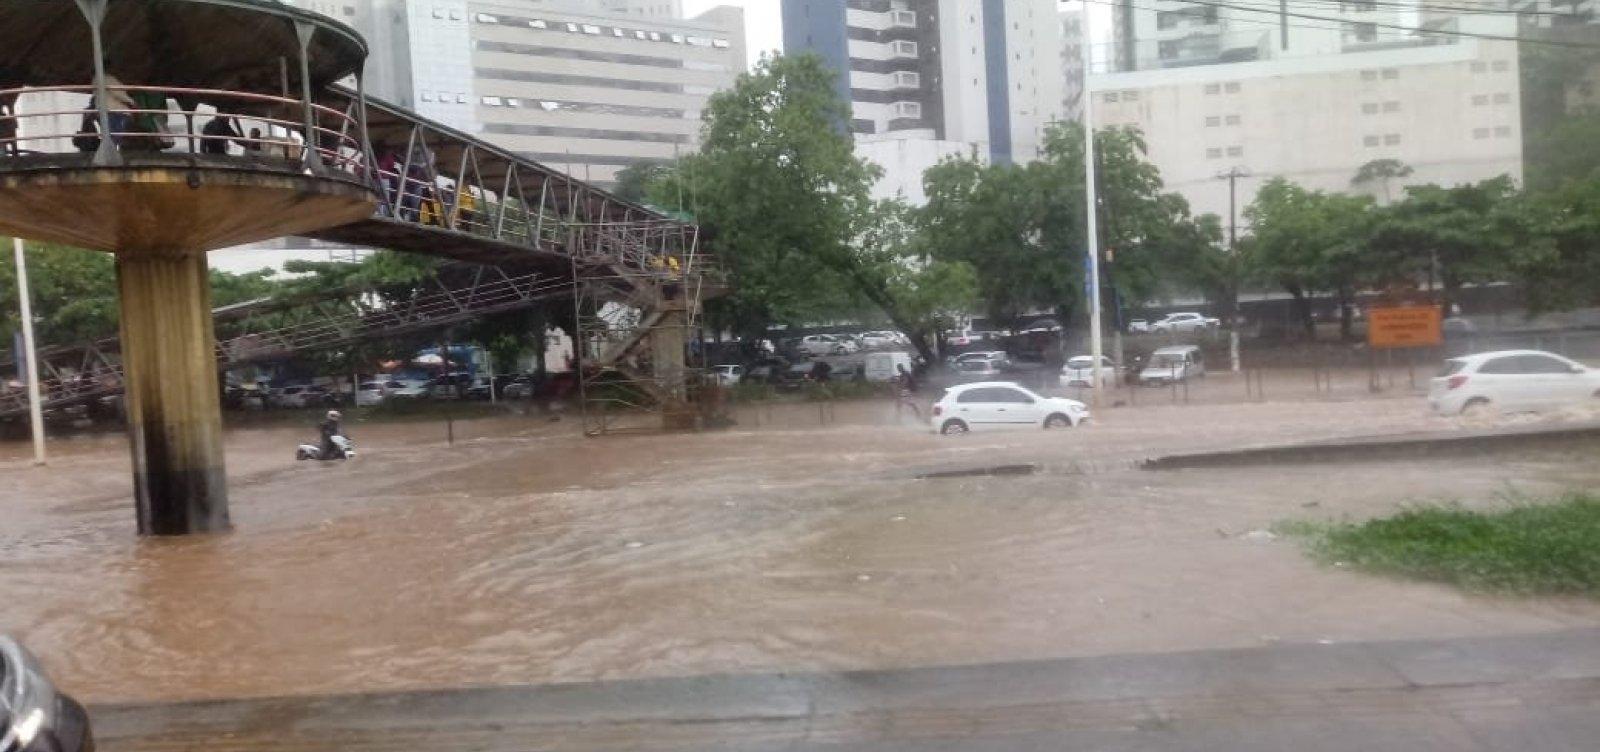 [Chuva em Salvador: motoristas enfrentam alagamentos e Codesal registra quase 40 ocorrências]